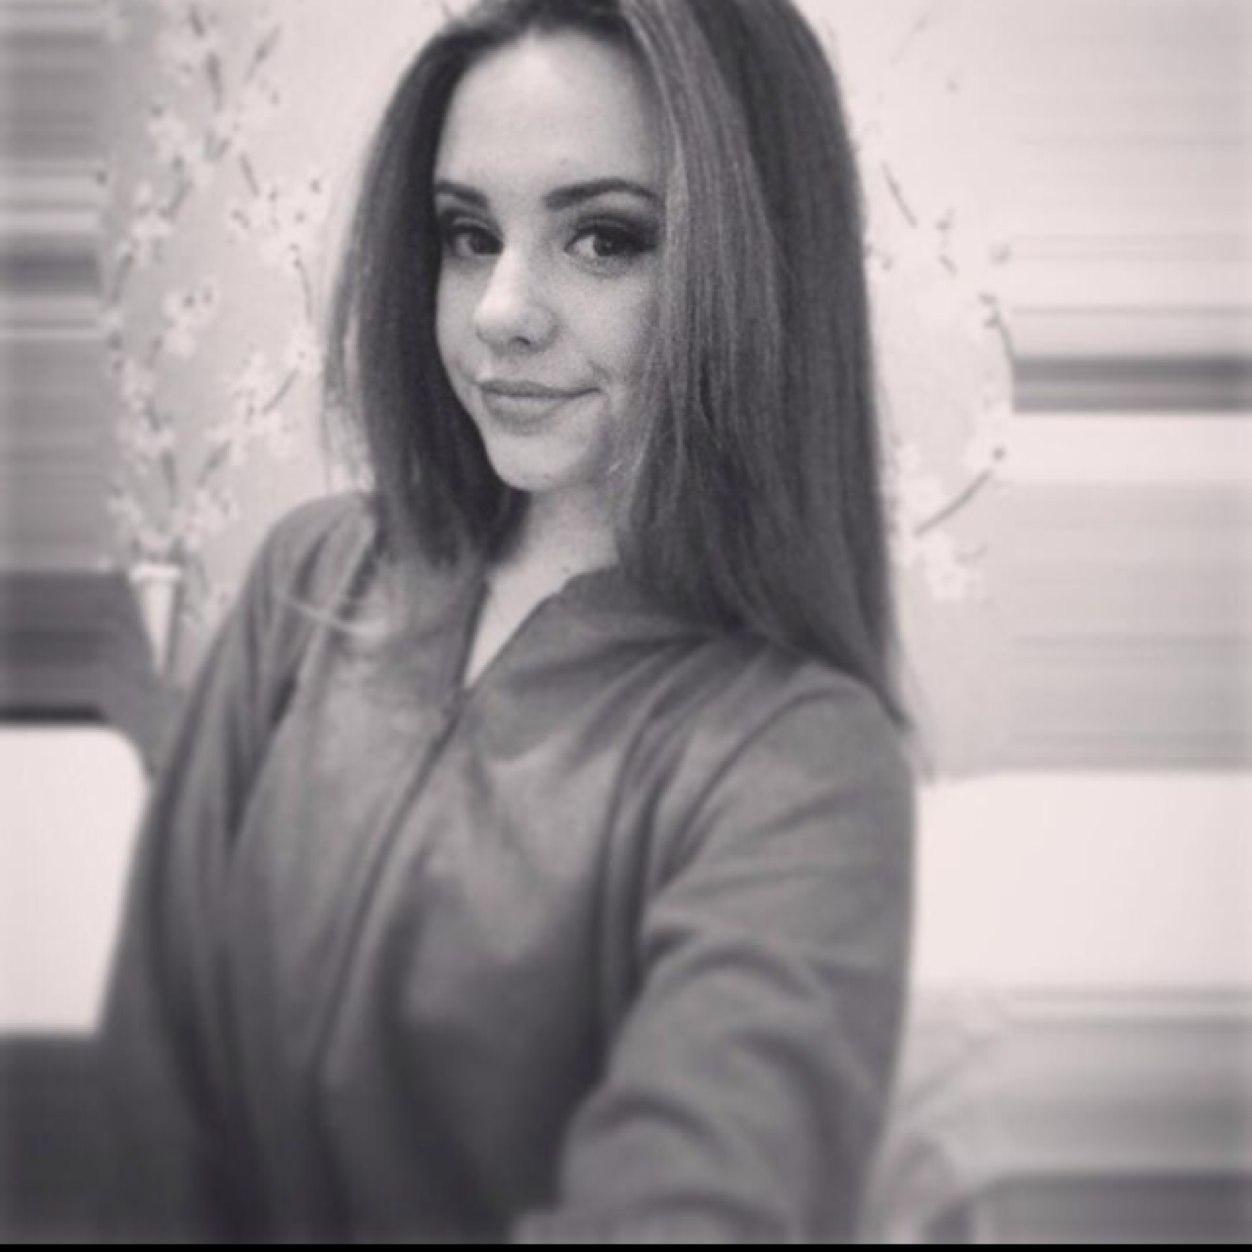 Kayla Carrera